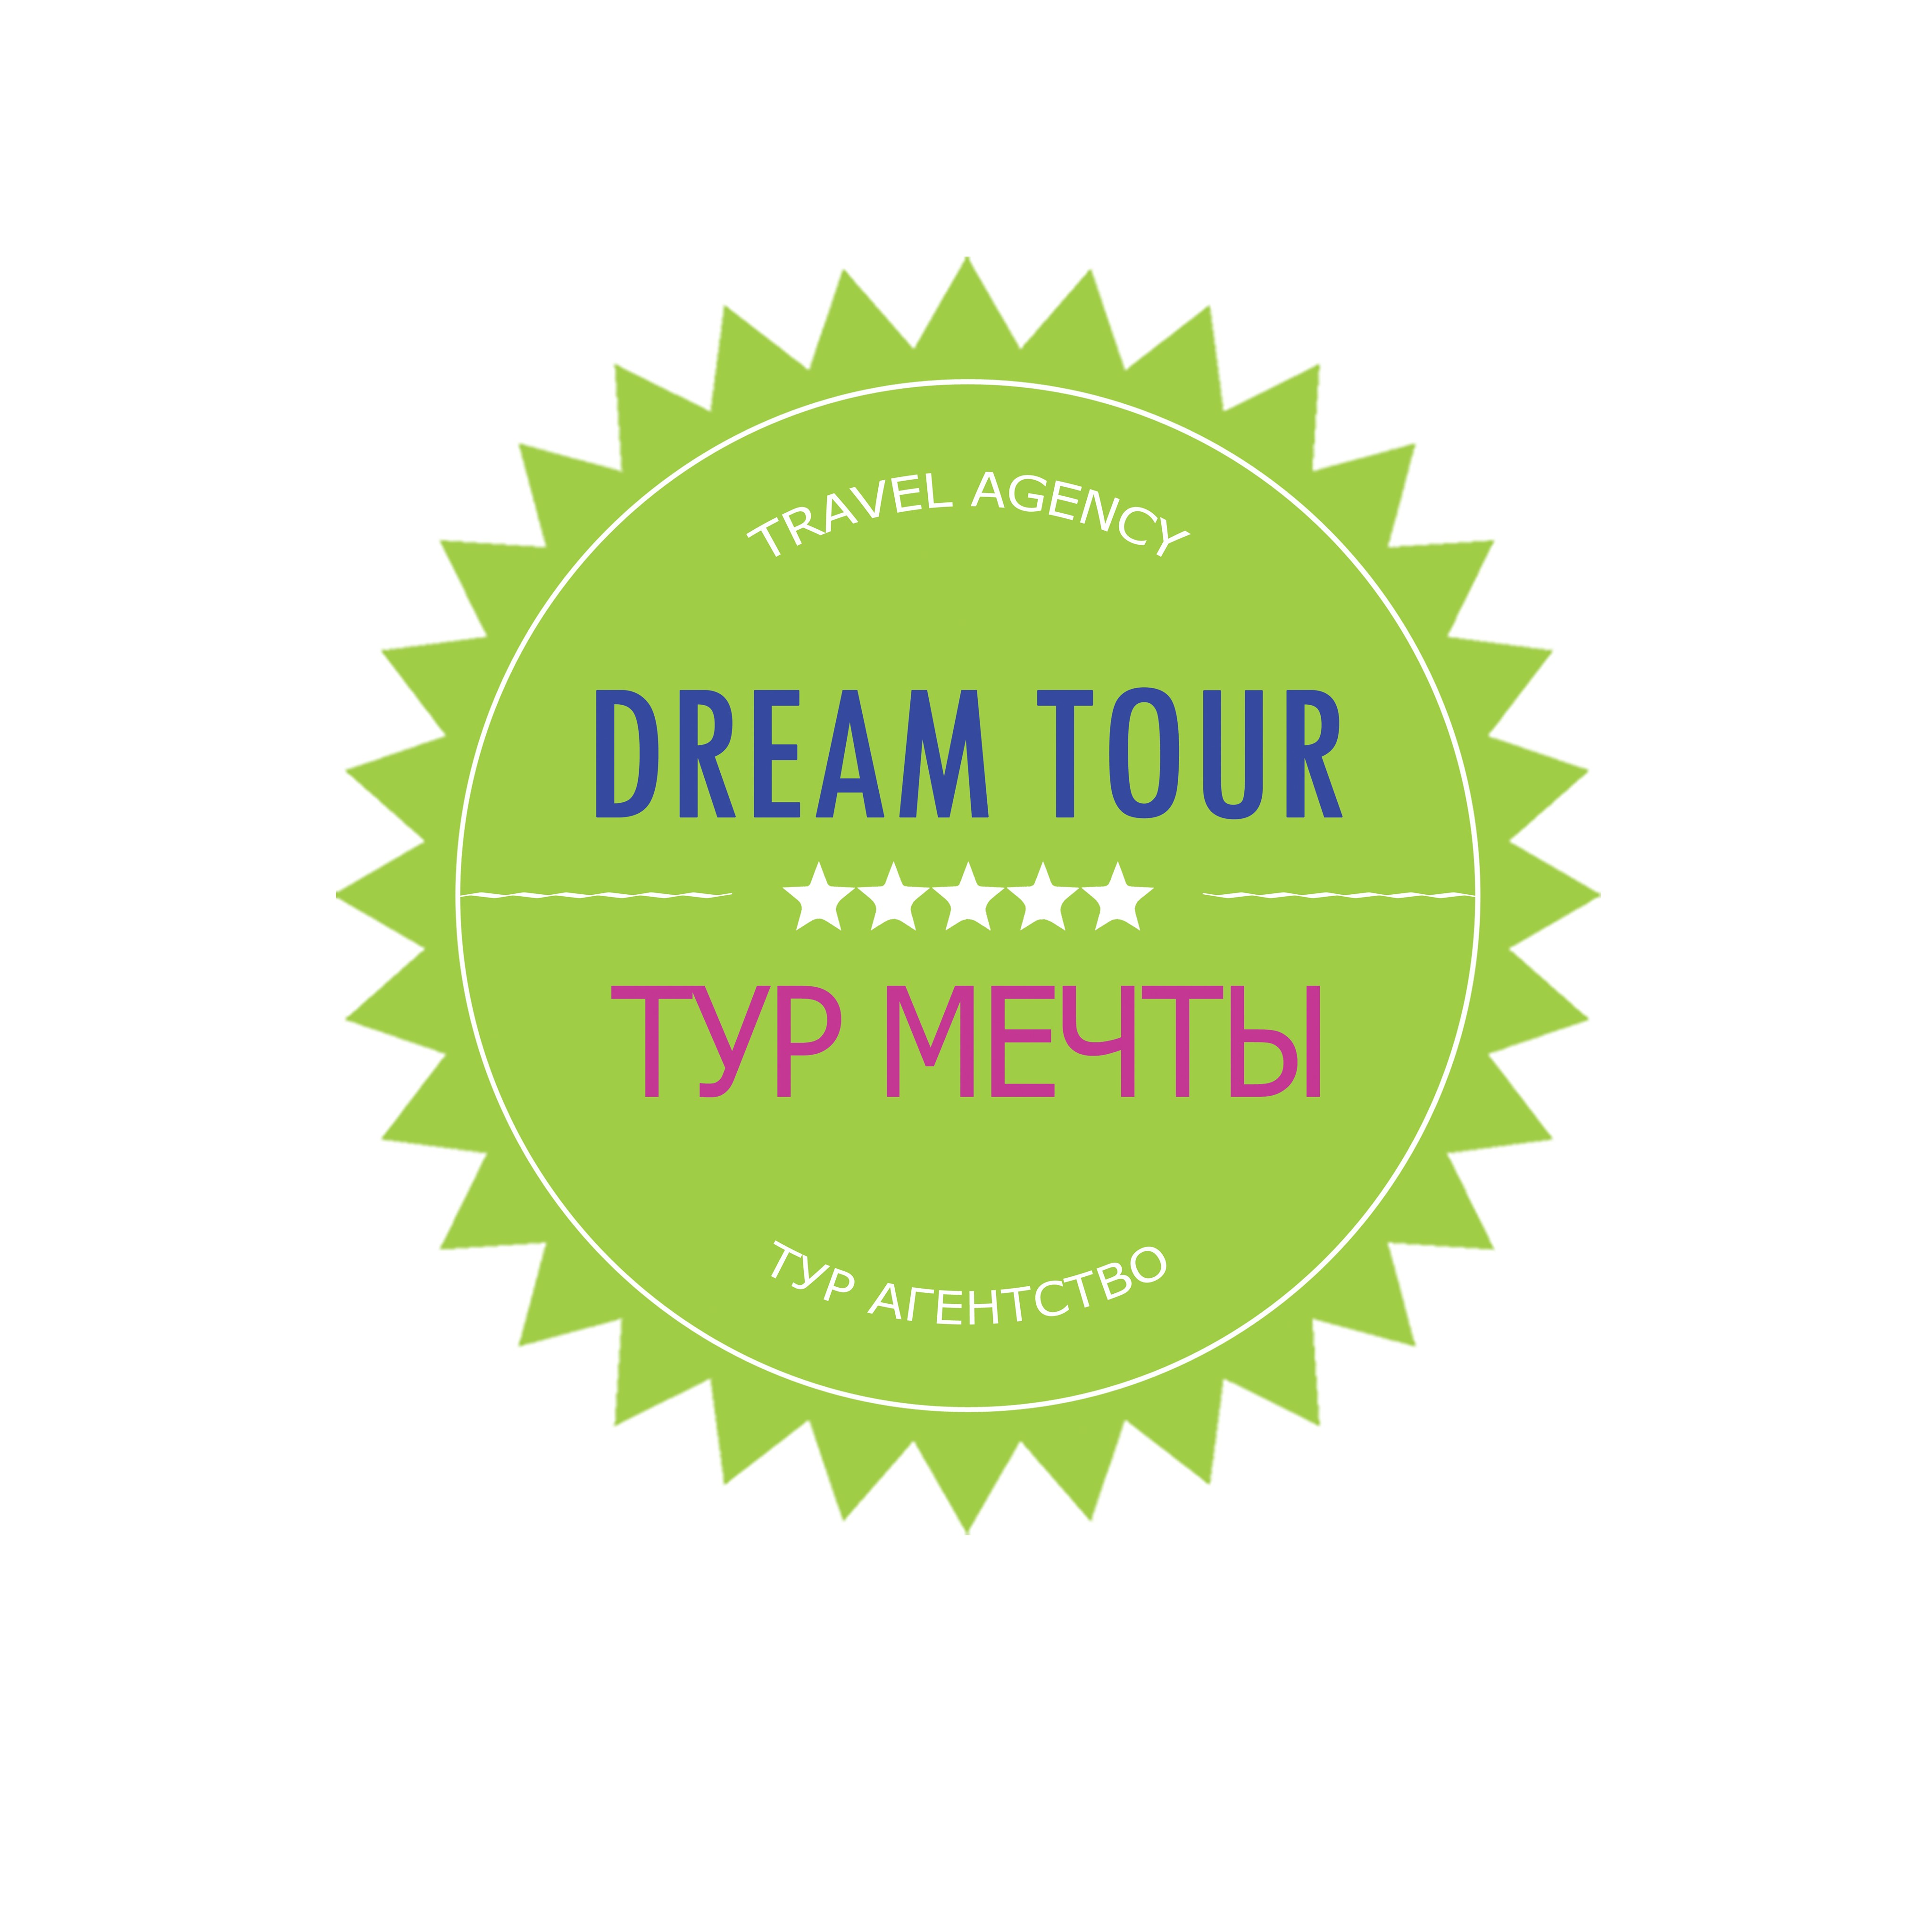 kh.dreamtour